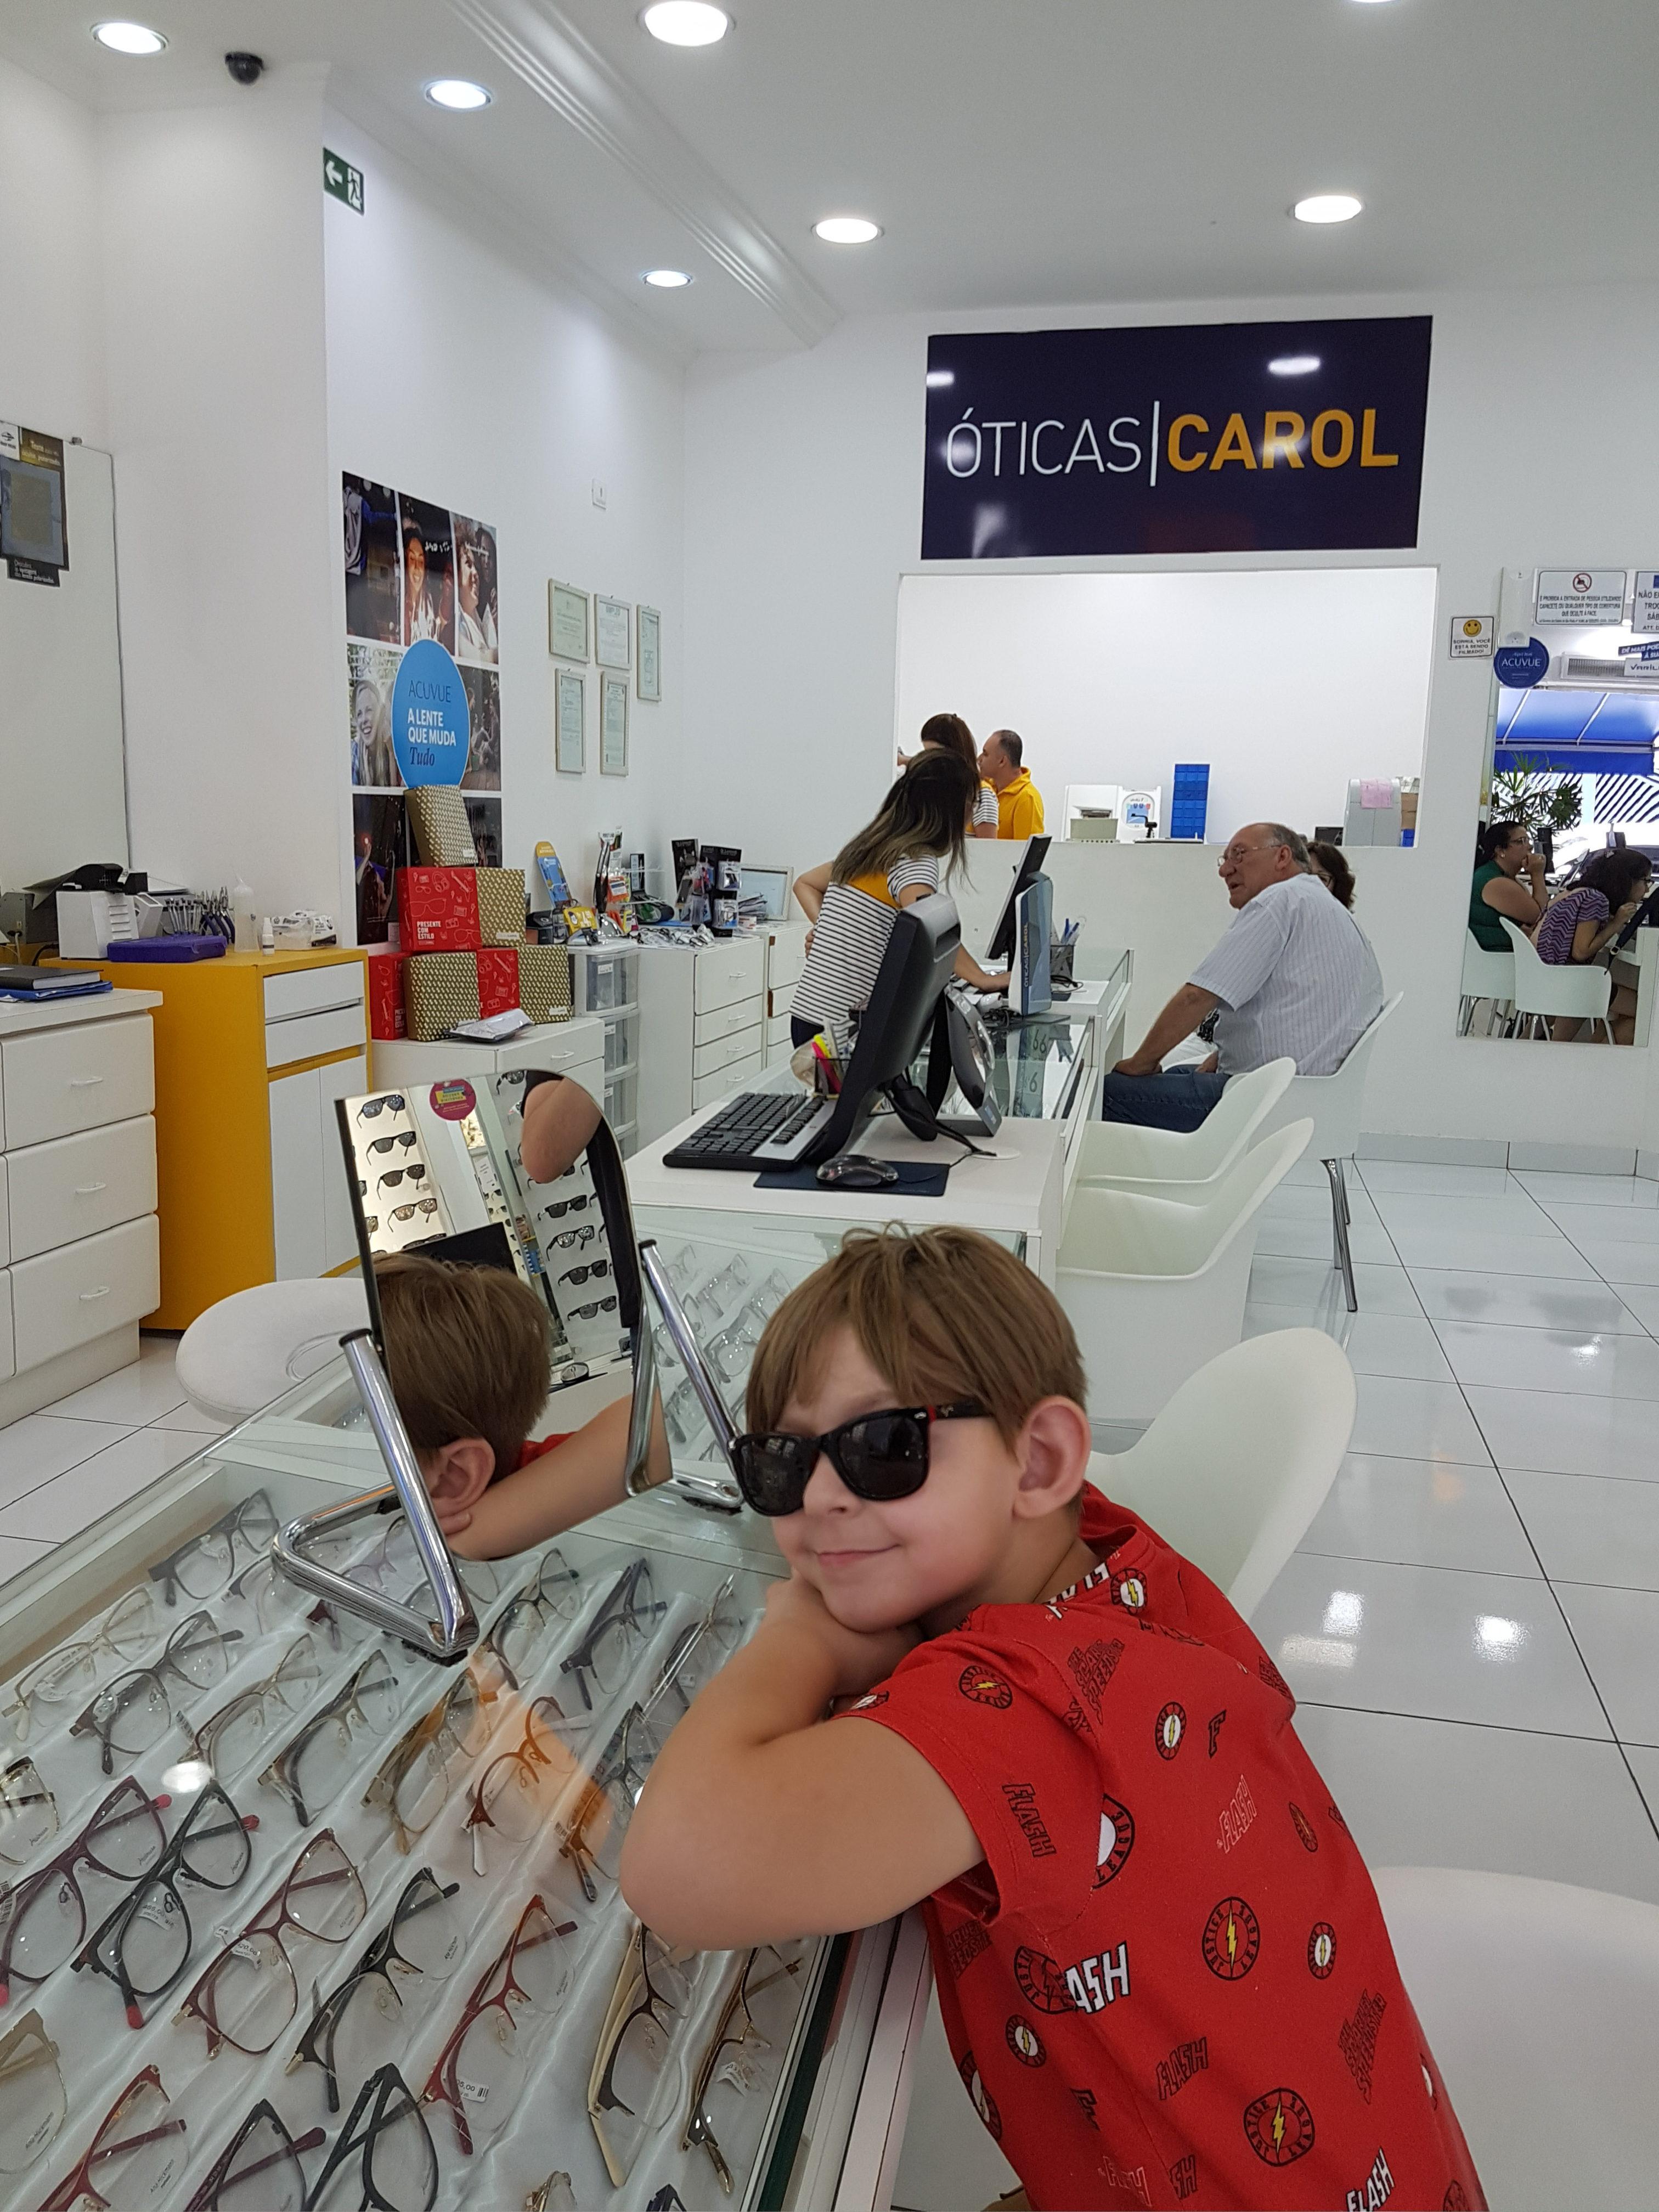 4b784ba51 Óculos de sol infantil – como escolher para seu filho? - Baú de Menino